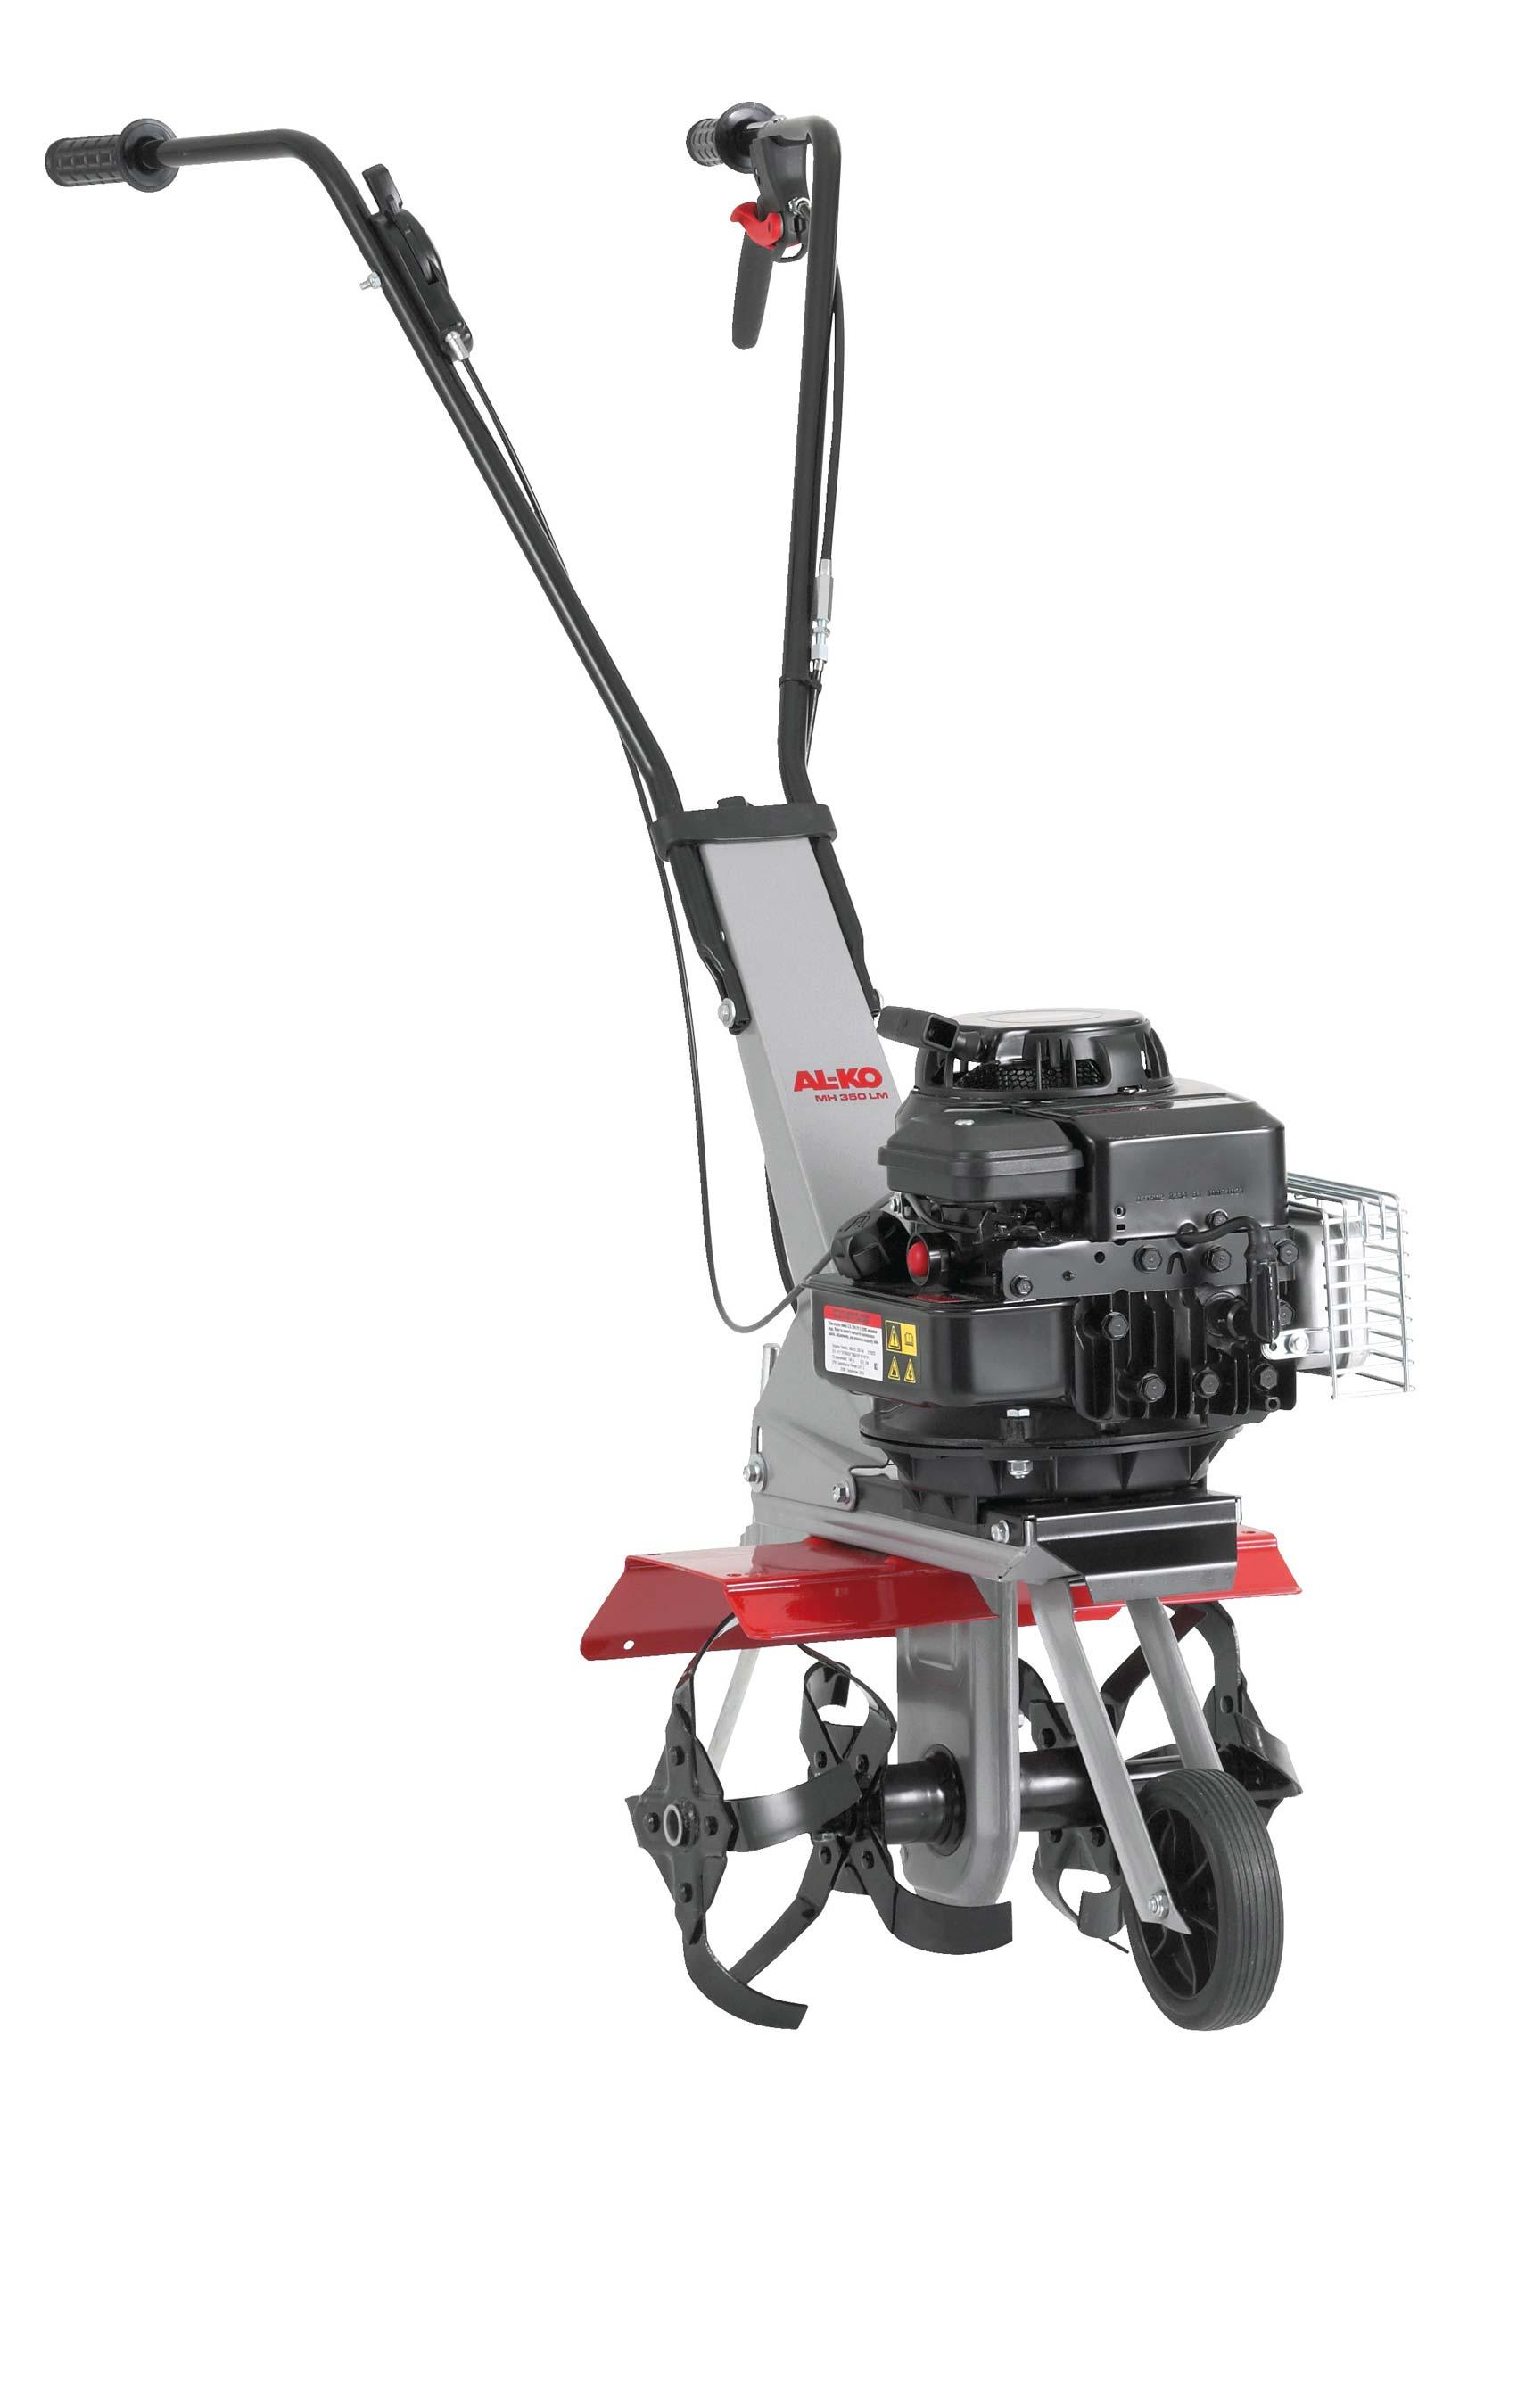 AL-KO Benzin Motorhacke MH 350-4 Arbeitsbreite 35cm Bild 1